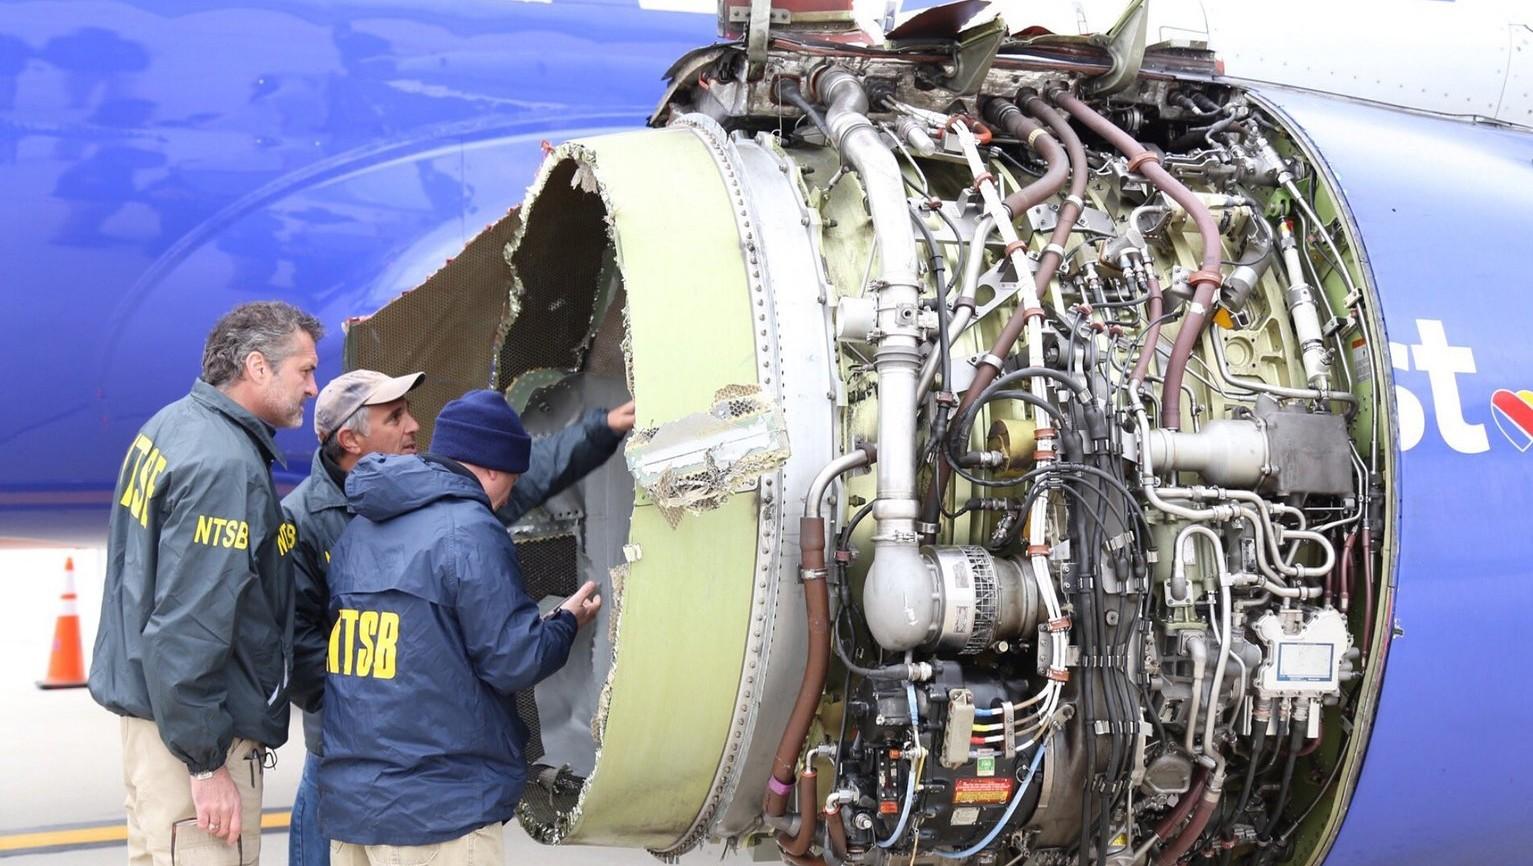 Szakértők vizsgálják a Southwest Airlines 1380-as járatának felrobbant hajtóművét a Philadelphiai Repülőtéren 2018. április 17-én, miután a gép kényszerleszállást hajtott végre – a New Yorkból a dallasi Love Fieldbe tartó járat hajtóműve repülés közben robbant fel, a gép ablakai betörtek, a balesetben legkevesebb egy ember életét vesztette (Fotó: MTI/EPA/NTSB)